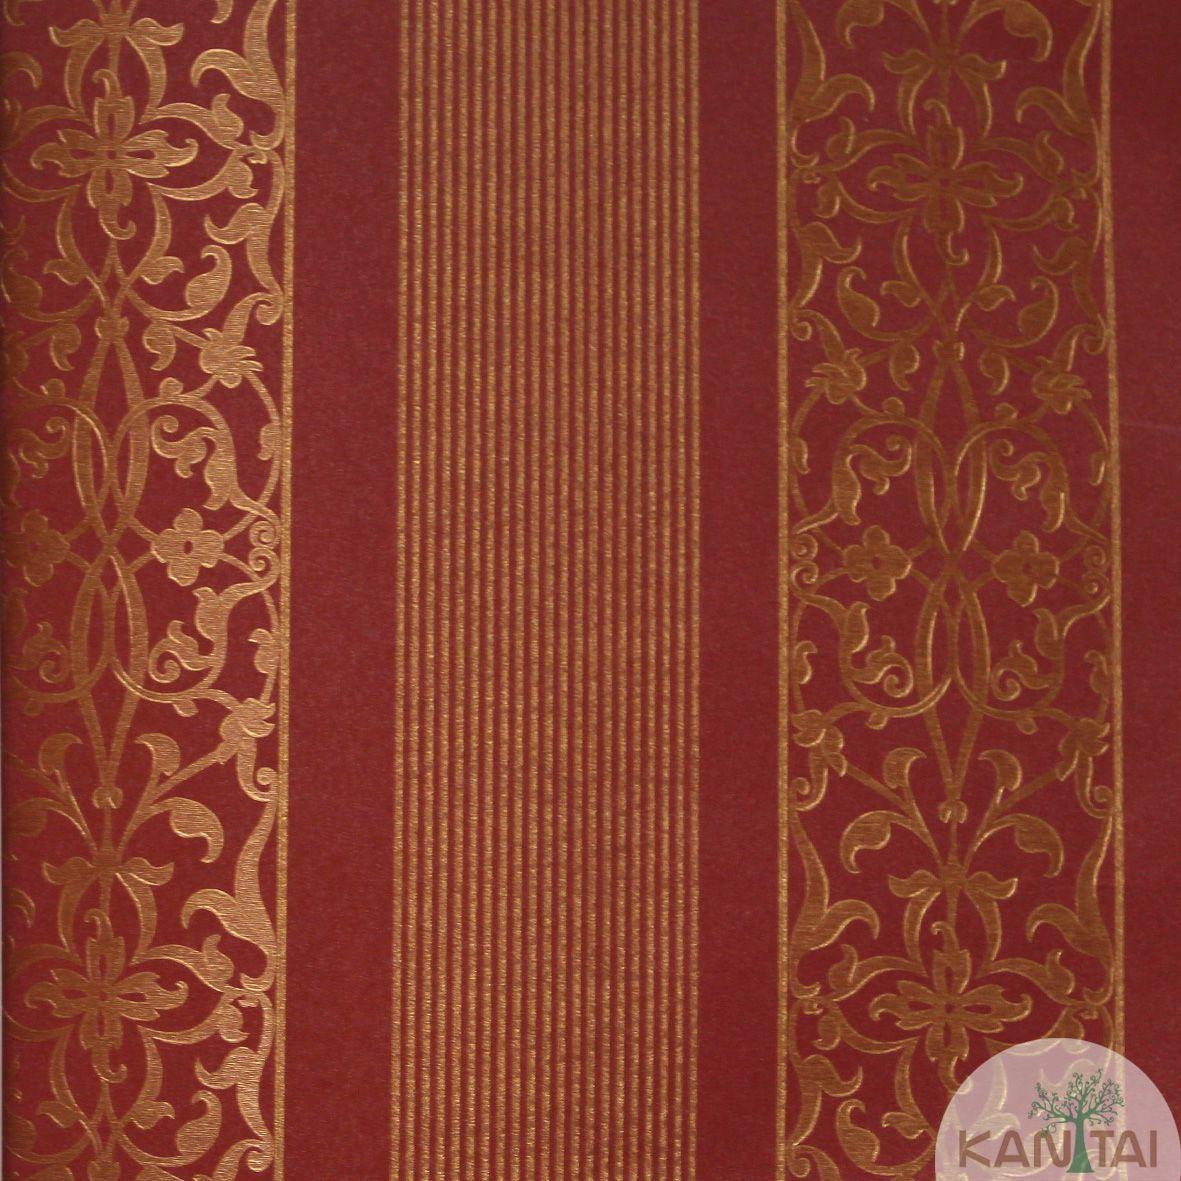 Papel de Parede Importado  Kan Tai  Vinílico Coleção Grace Arabesco Listras Vermelho, Dourado